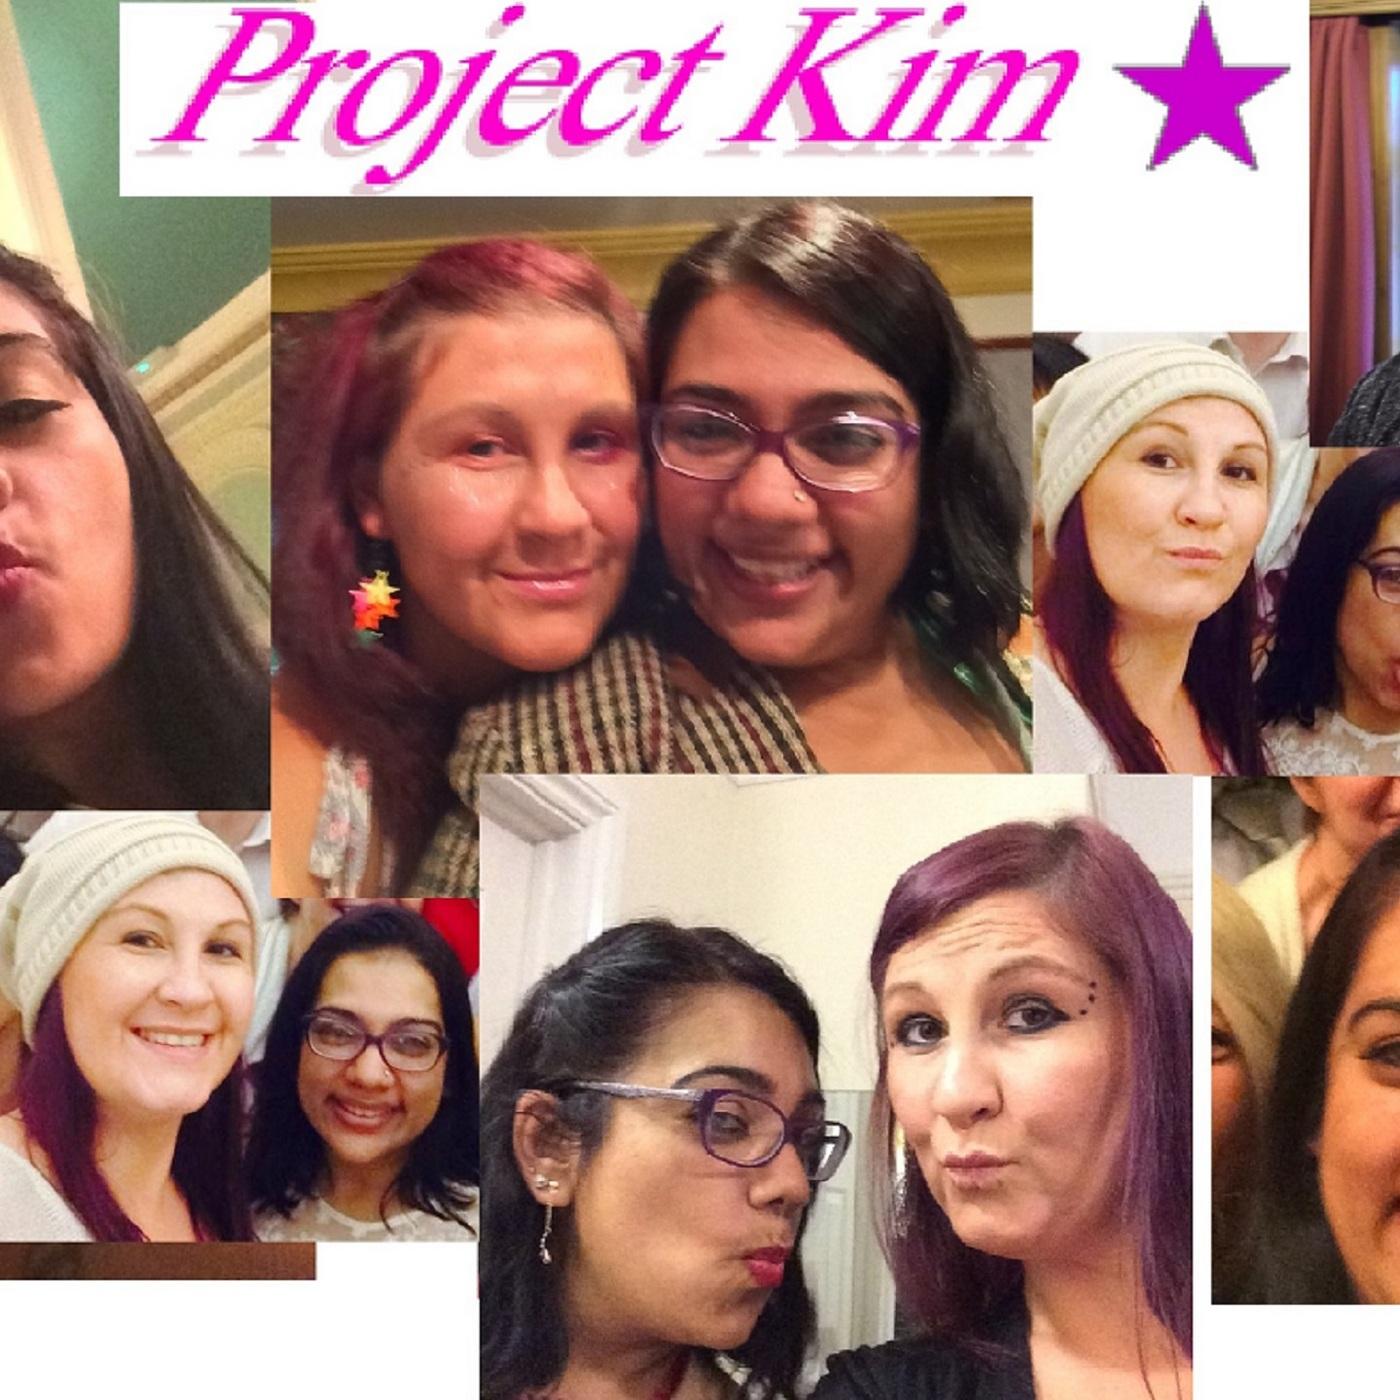 Project Kim